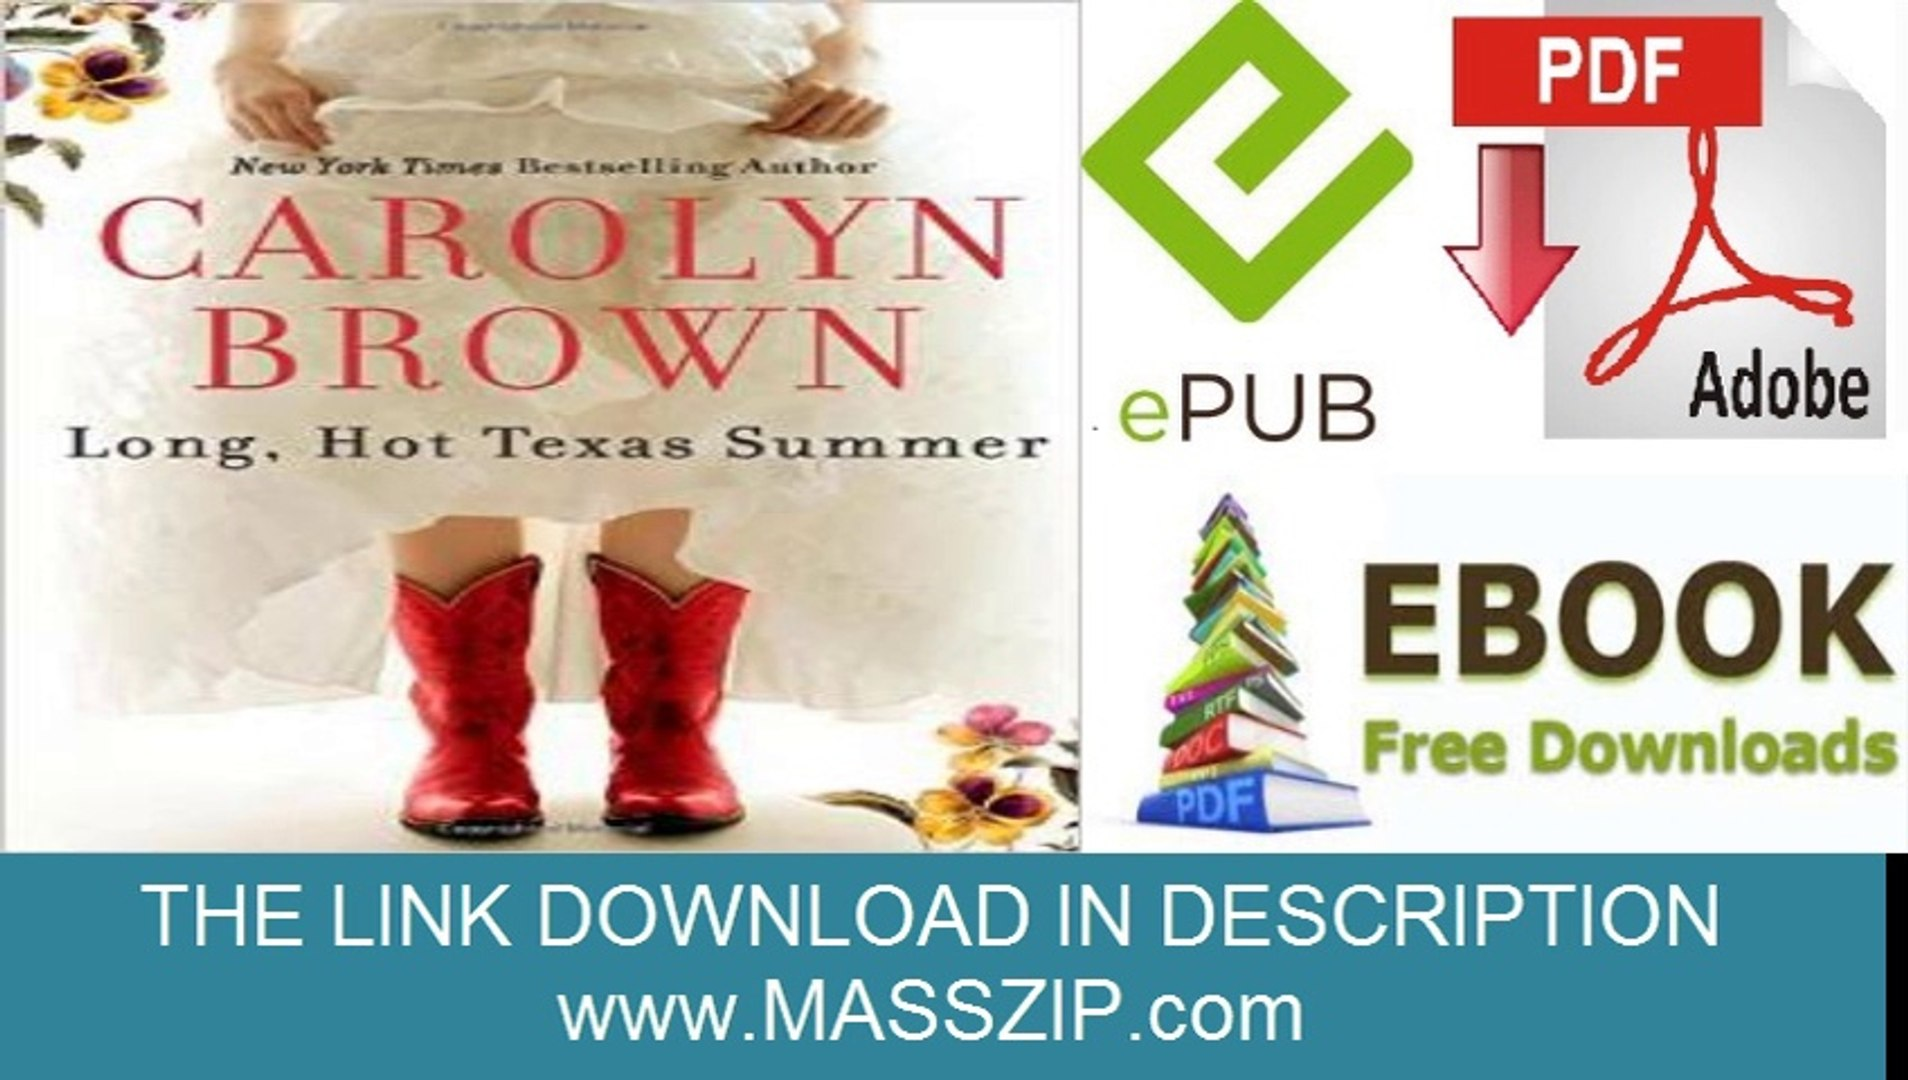 [Free eBook] Long Hot Texas Summer by Carolyn Brown [PDF/EPUB]